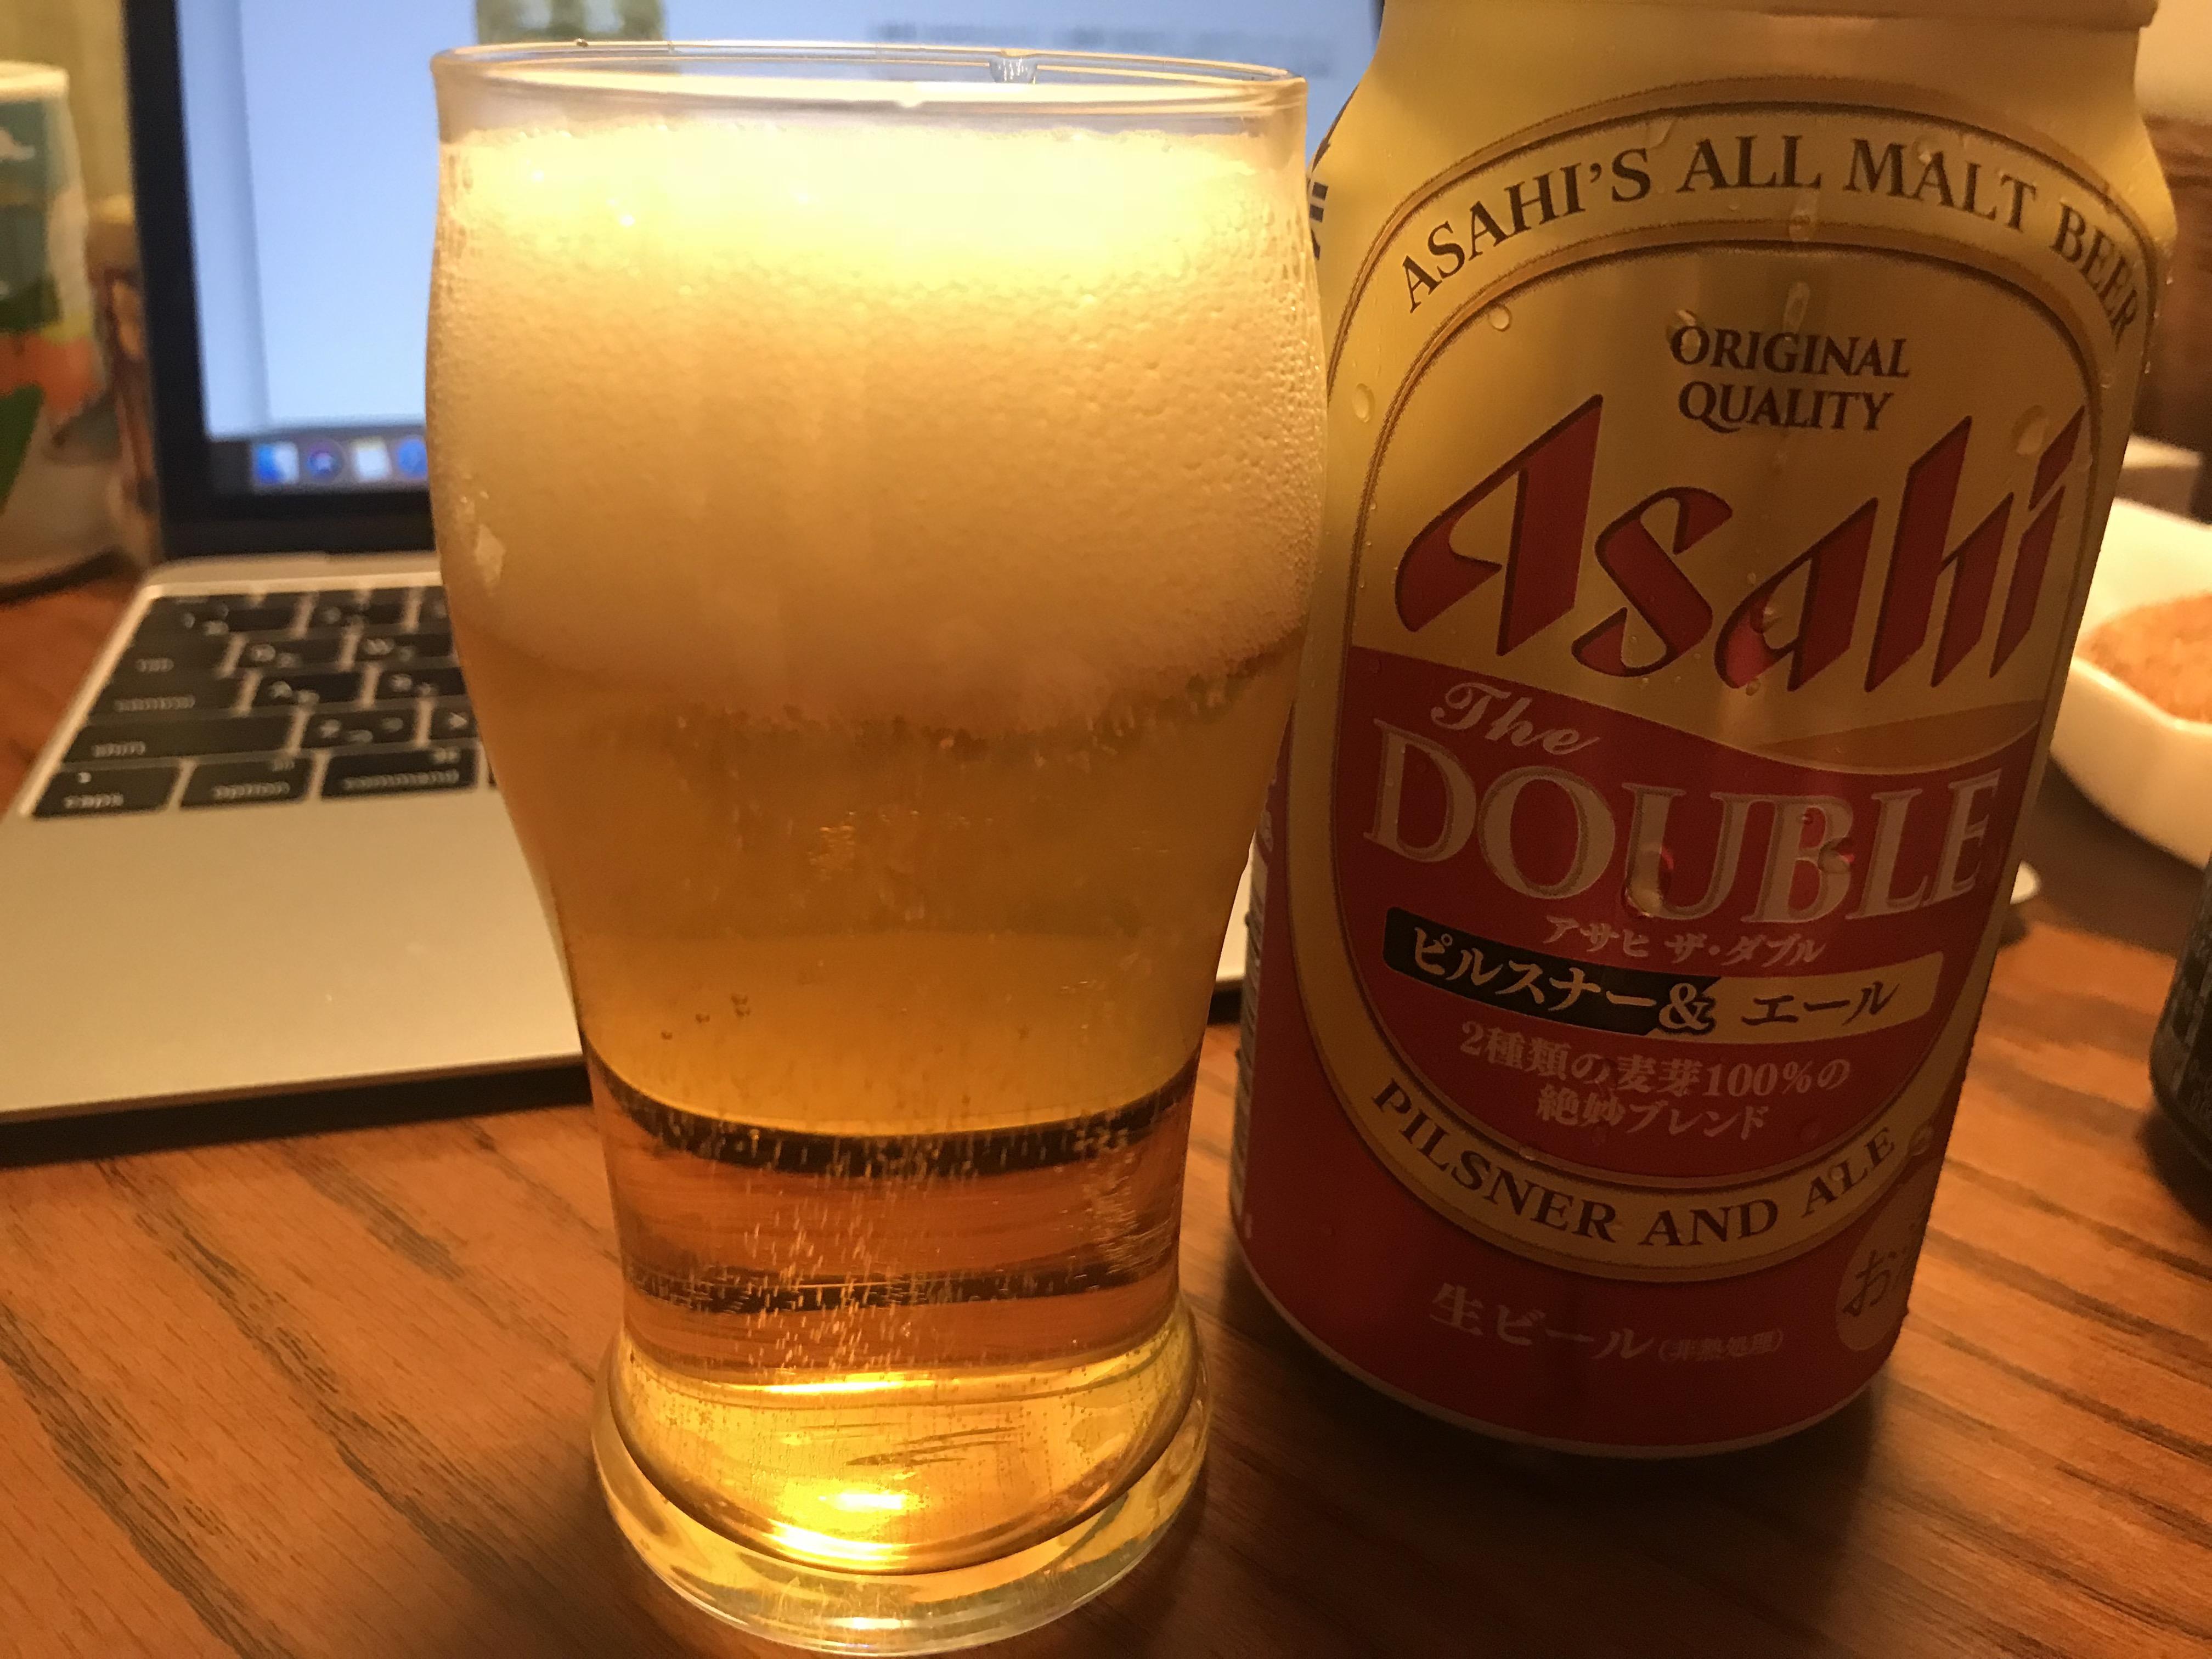 ファミマ限定 ビール アサヒ ザ・ダブル ピルスナー&エール